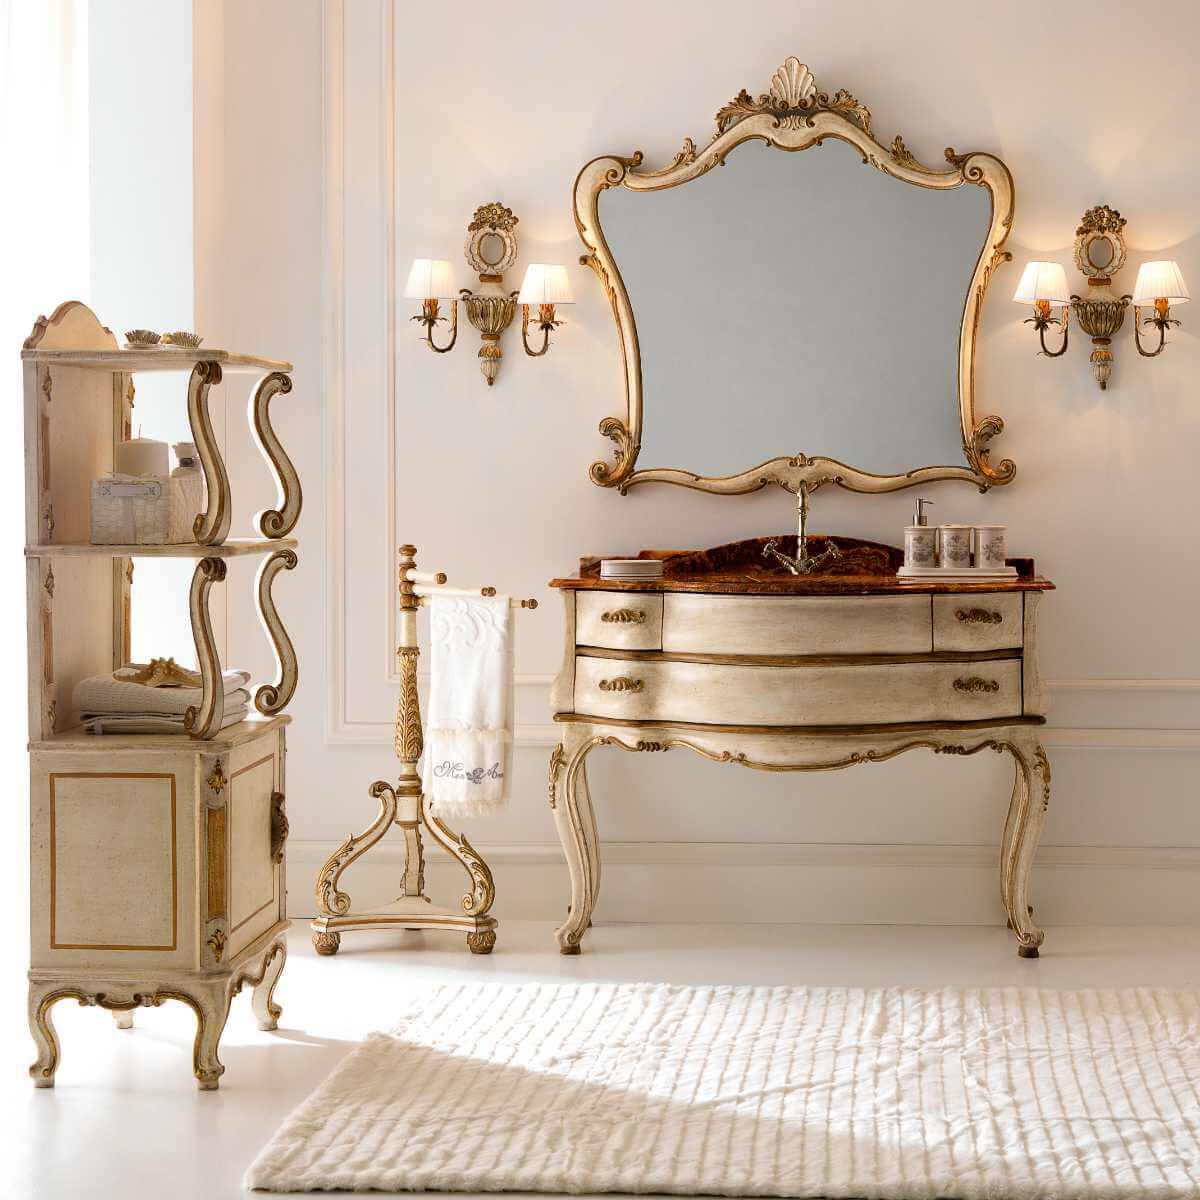 Italienische Möbel: Waschtisch